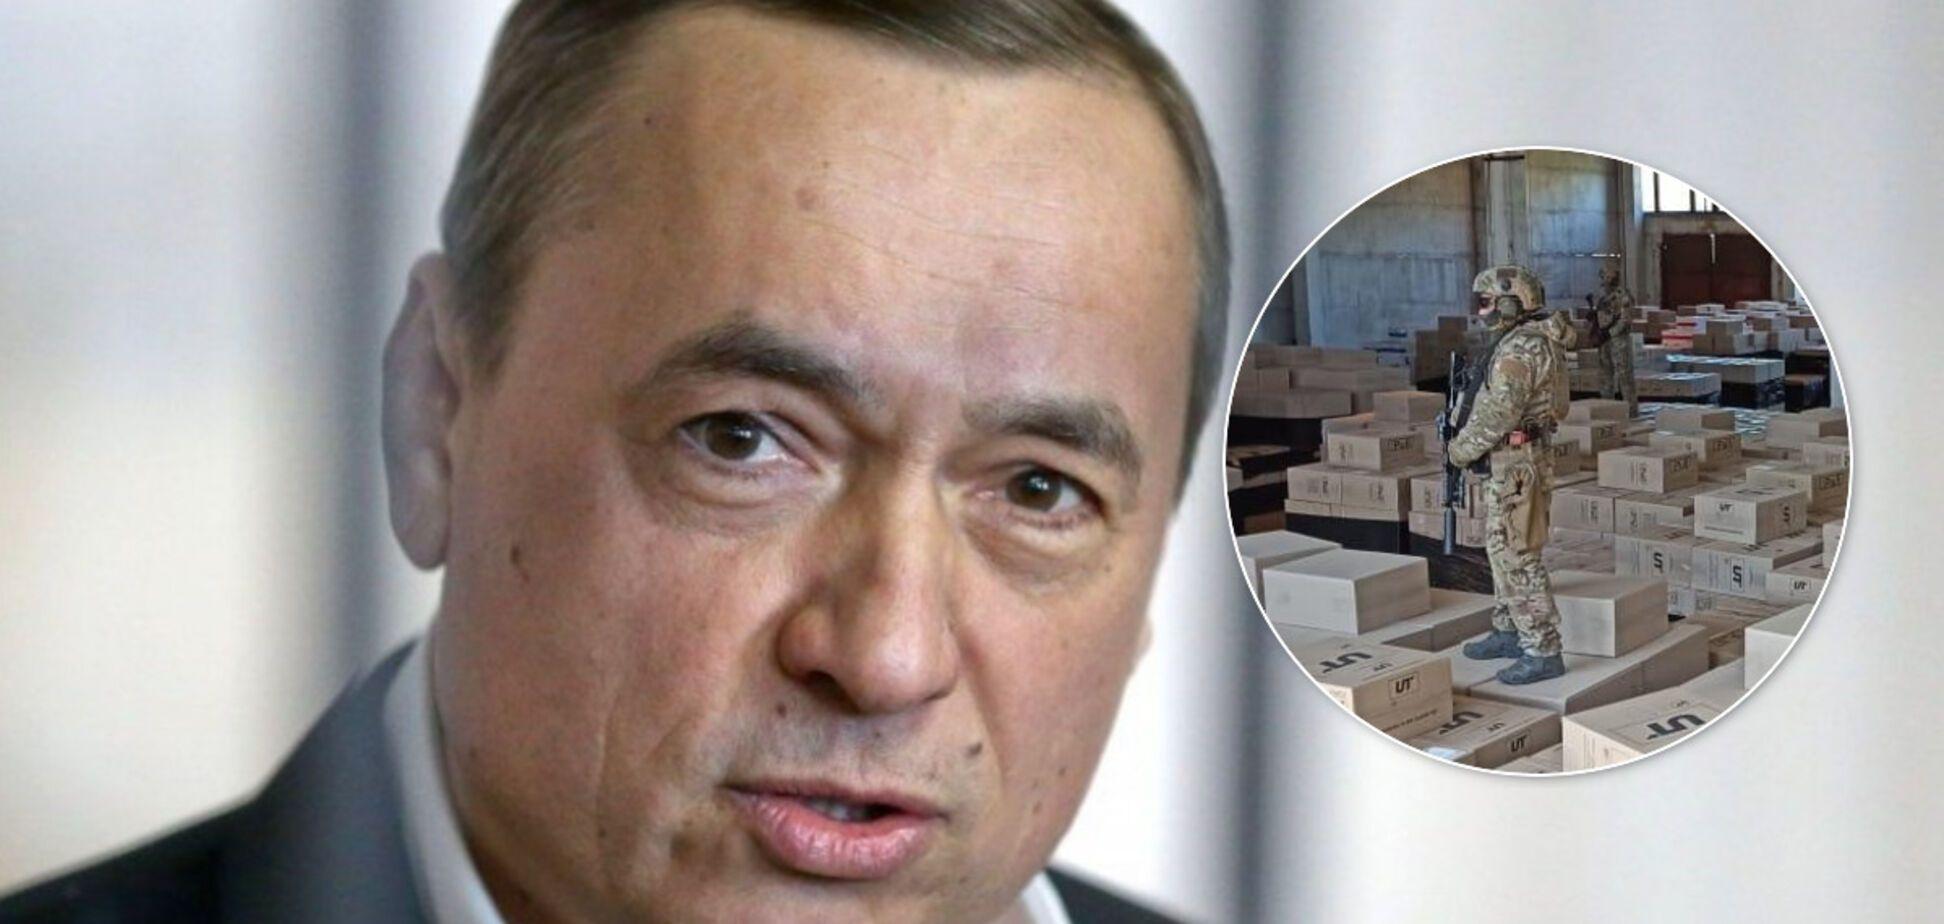 На Дніпропетровщині СБУ накрила тютюнову фабрику, пов'язану з Мартиненком